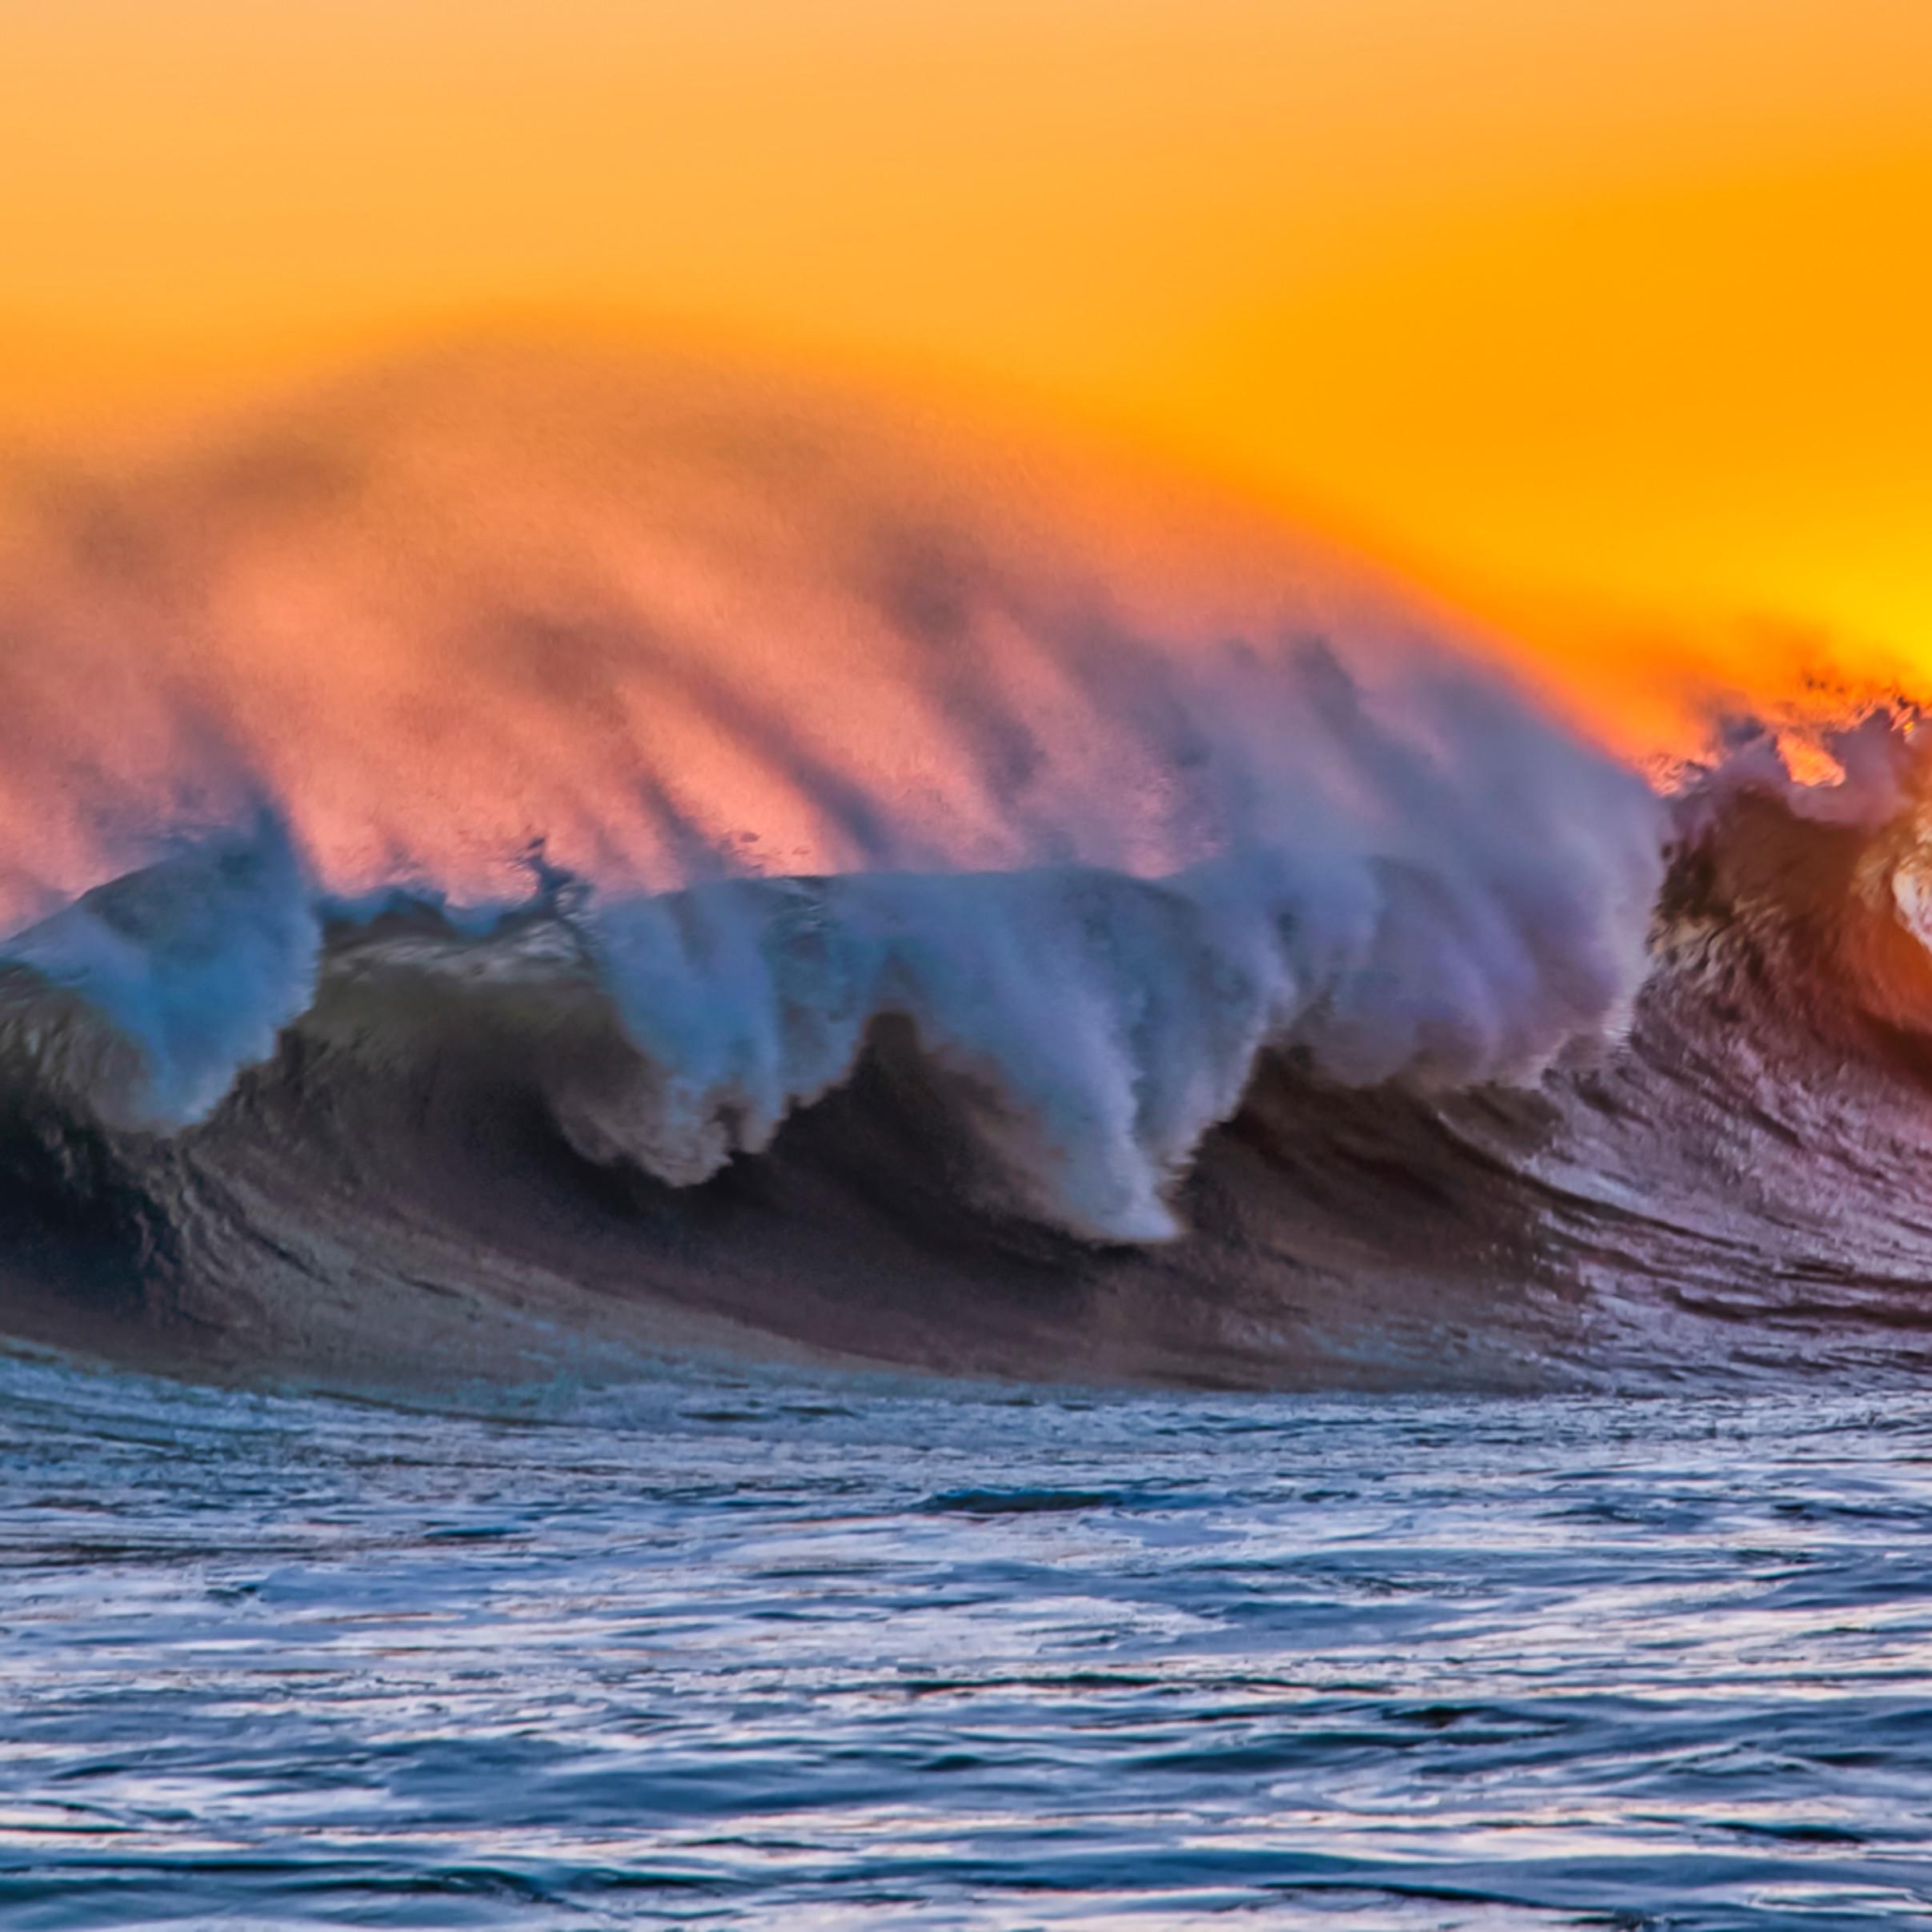 Aquinnah sunset wave 4 rletok